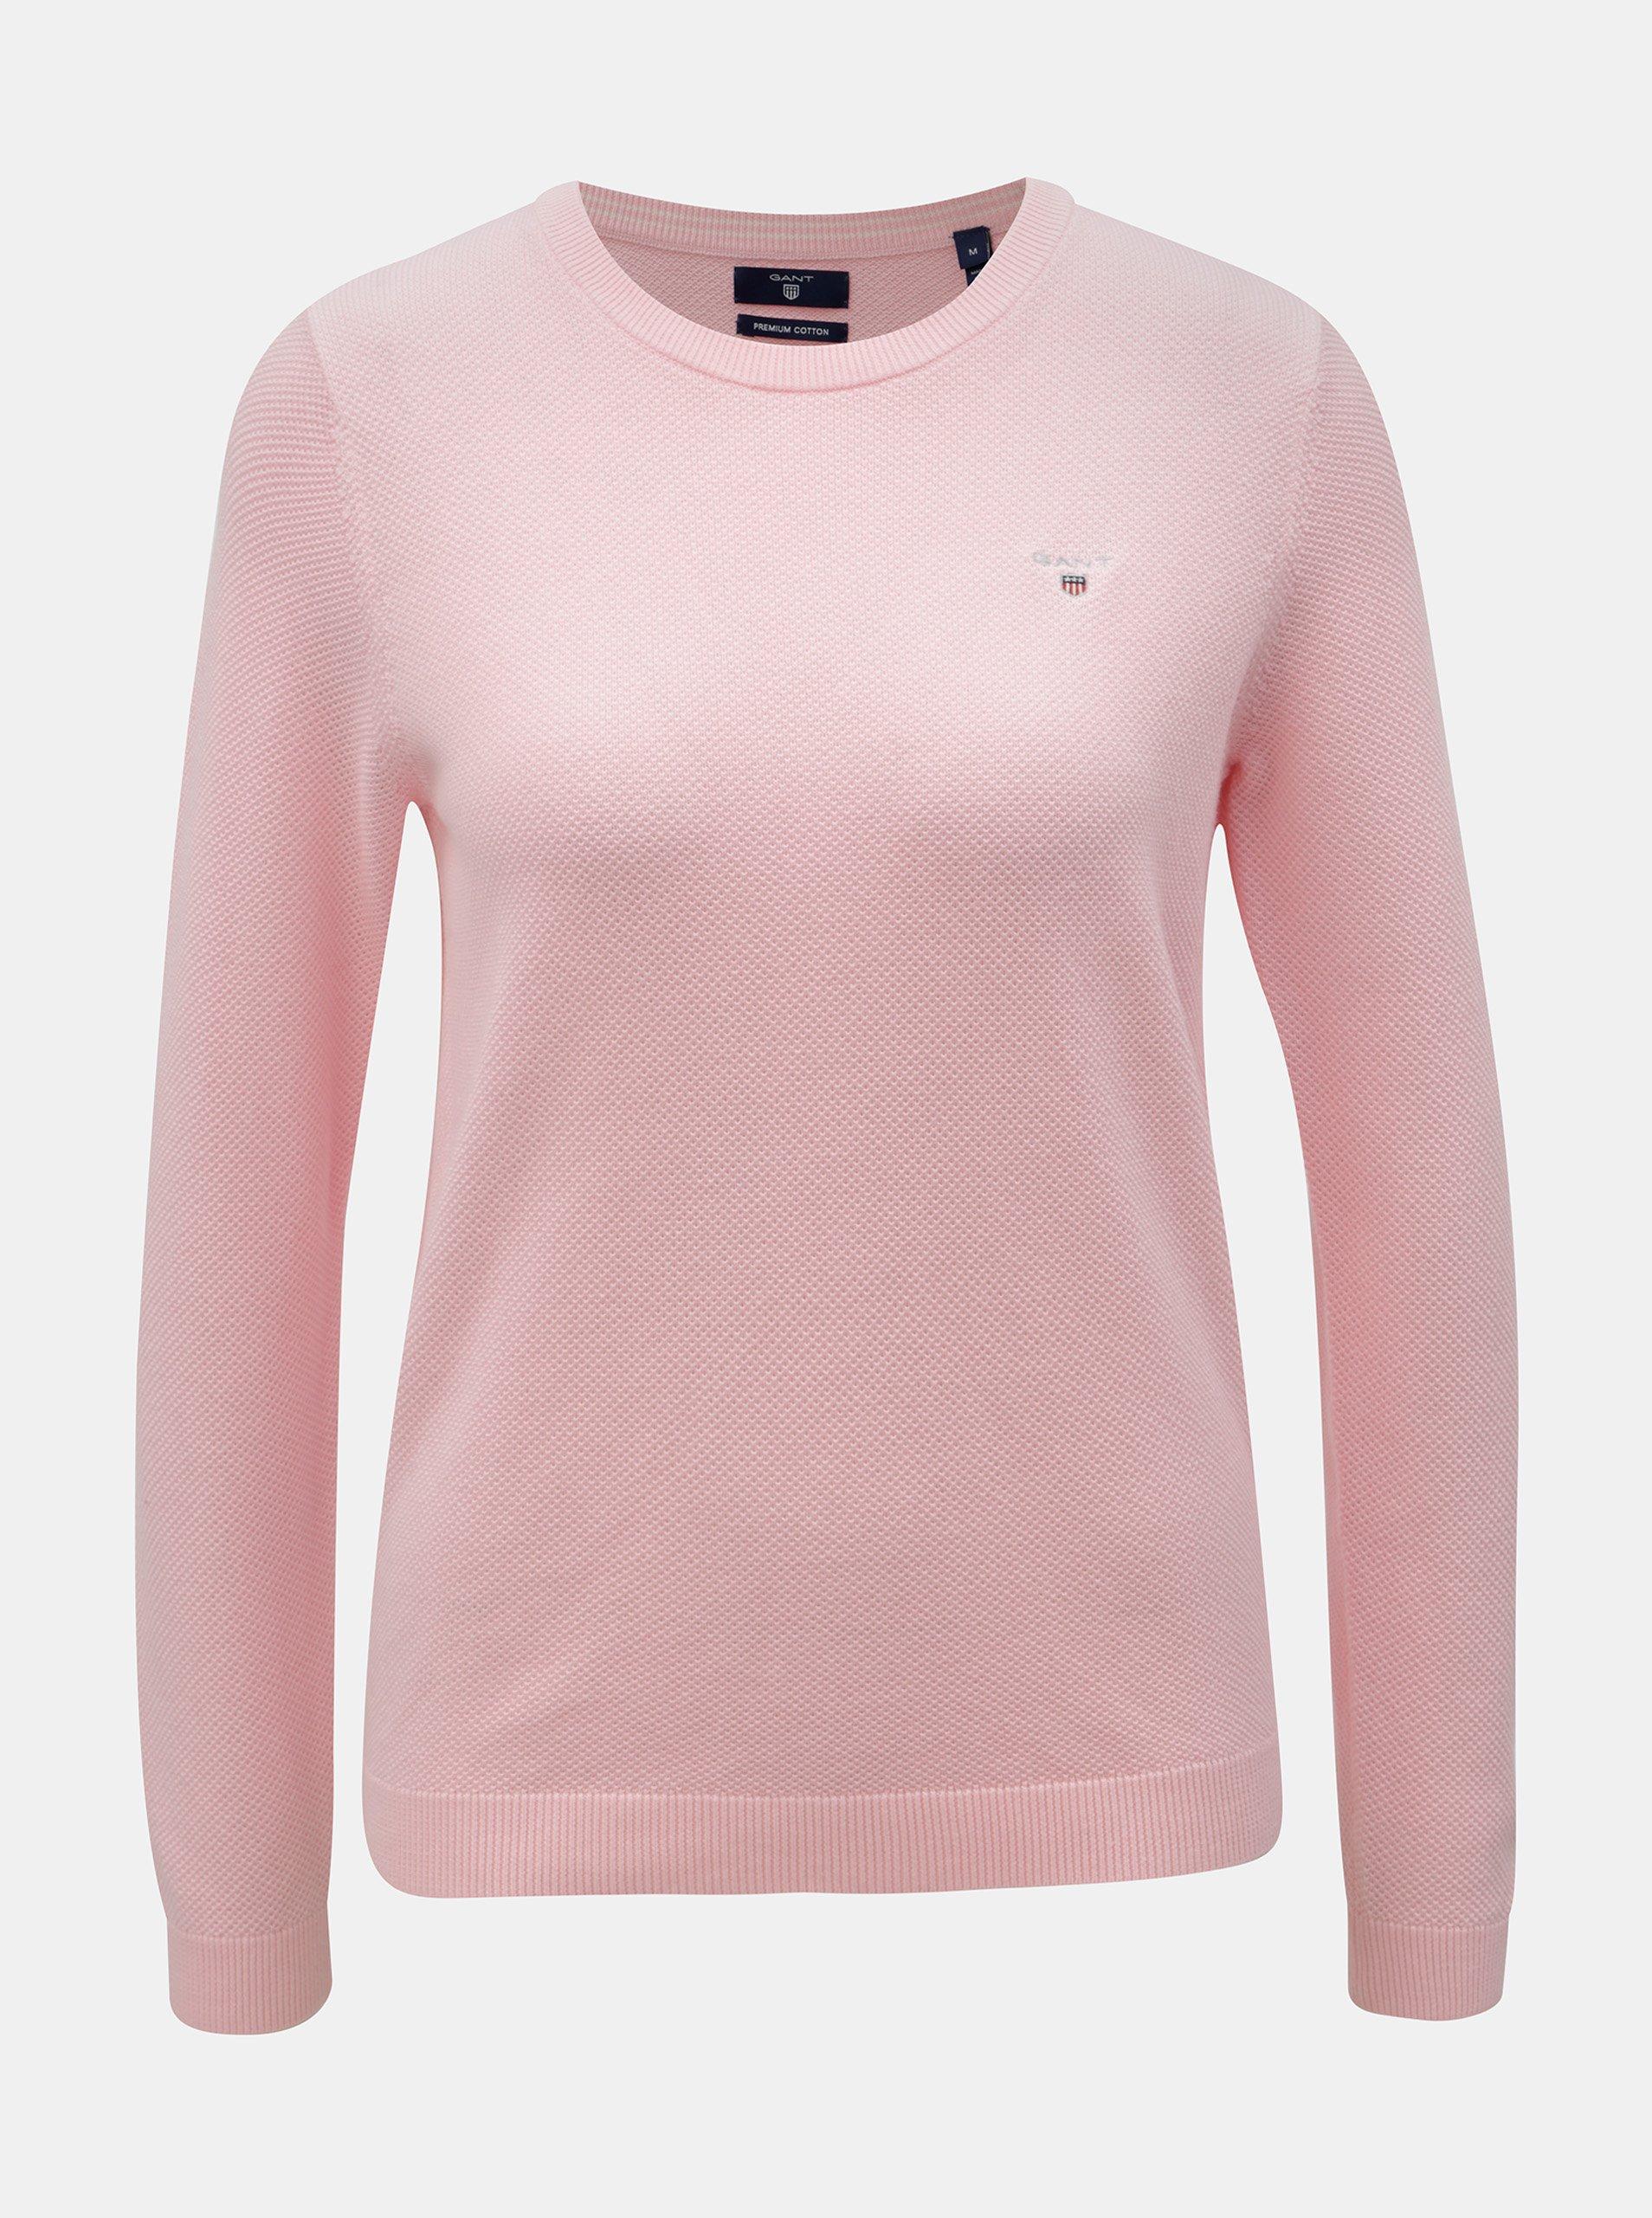 ab5a42cdf272 Ružový dámsky sveter s vyšívaným logom GANT